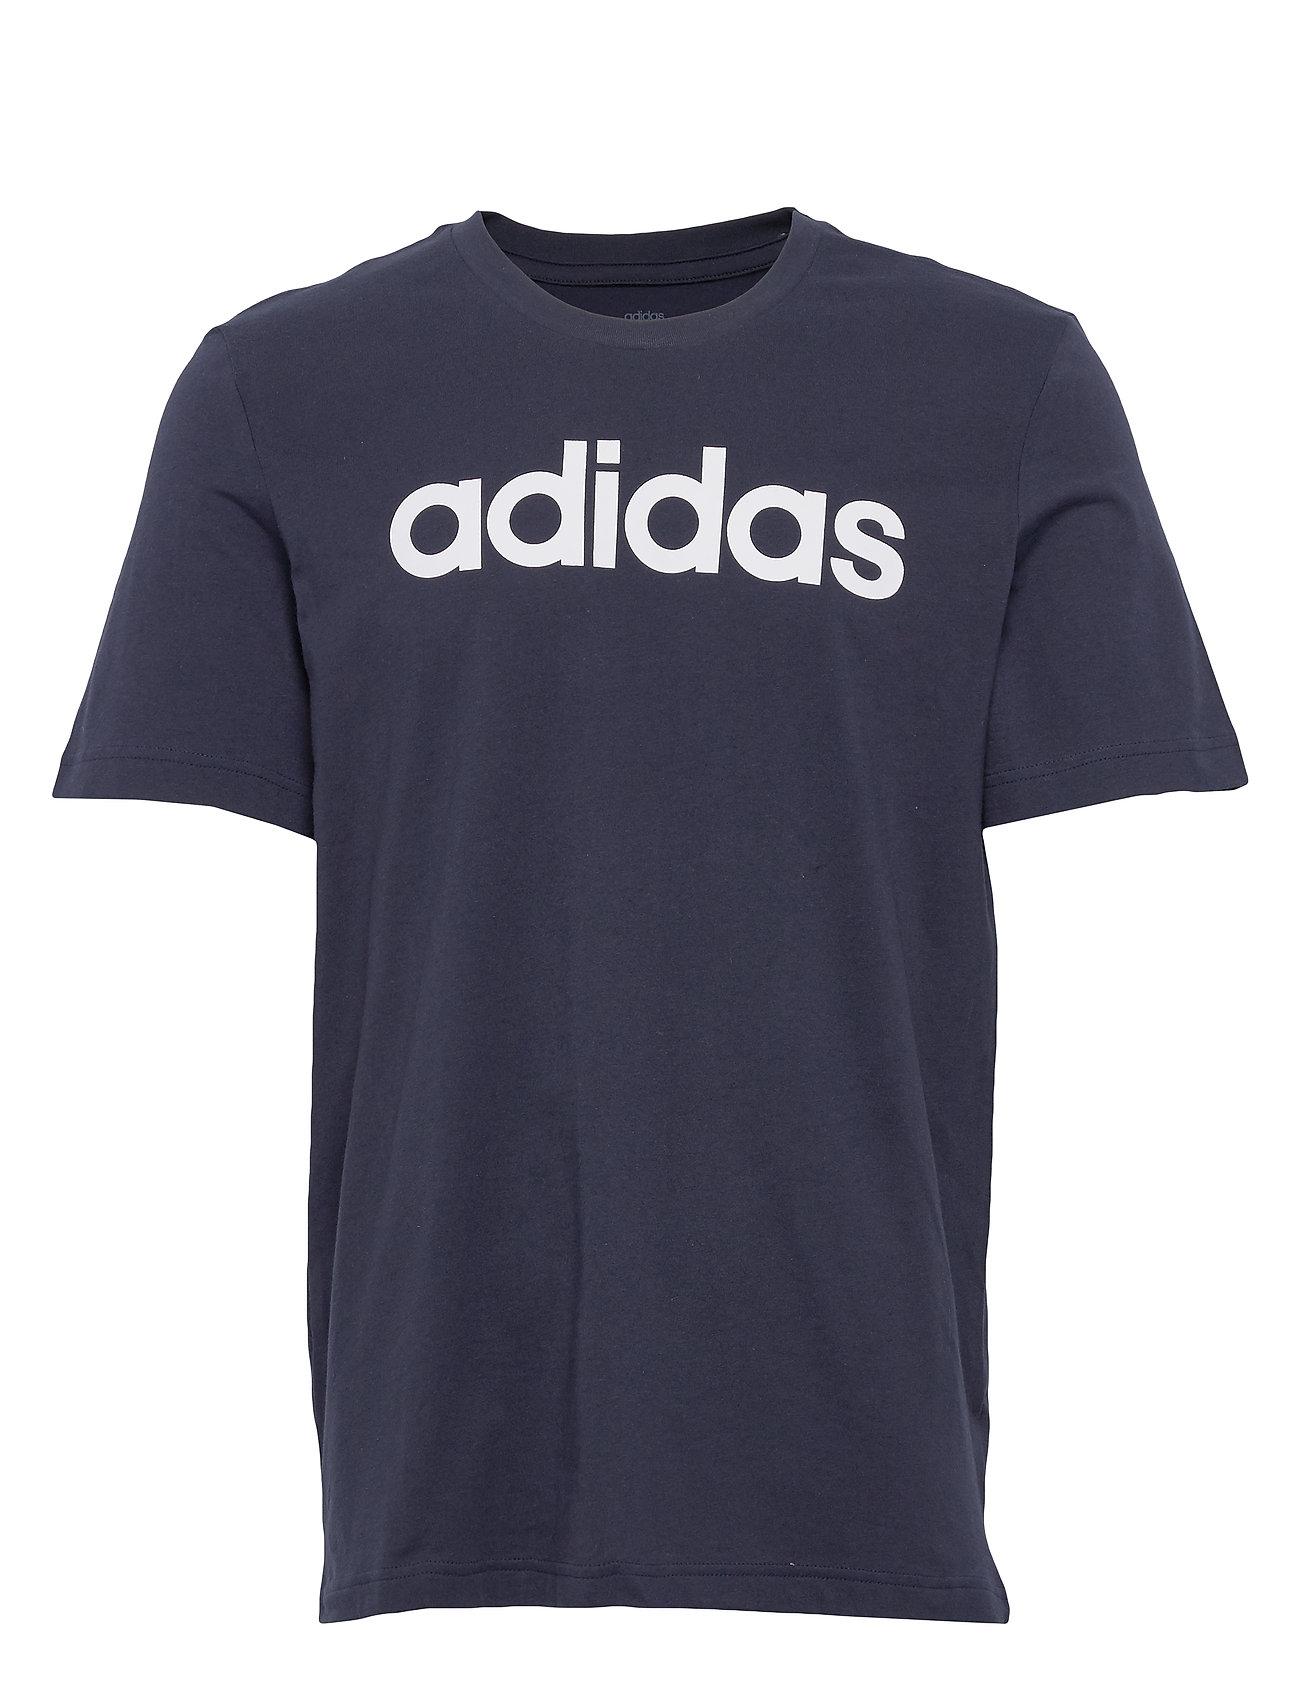 Image of E Lin Tee T-shirt Blå Adidas Performance (3327439469)